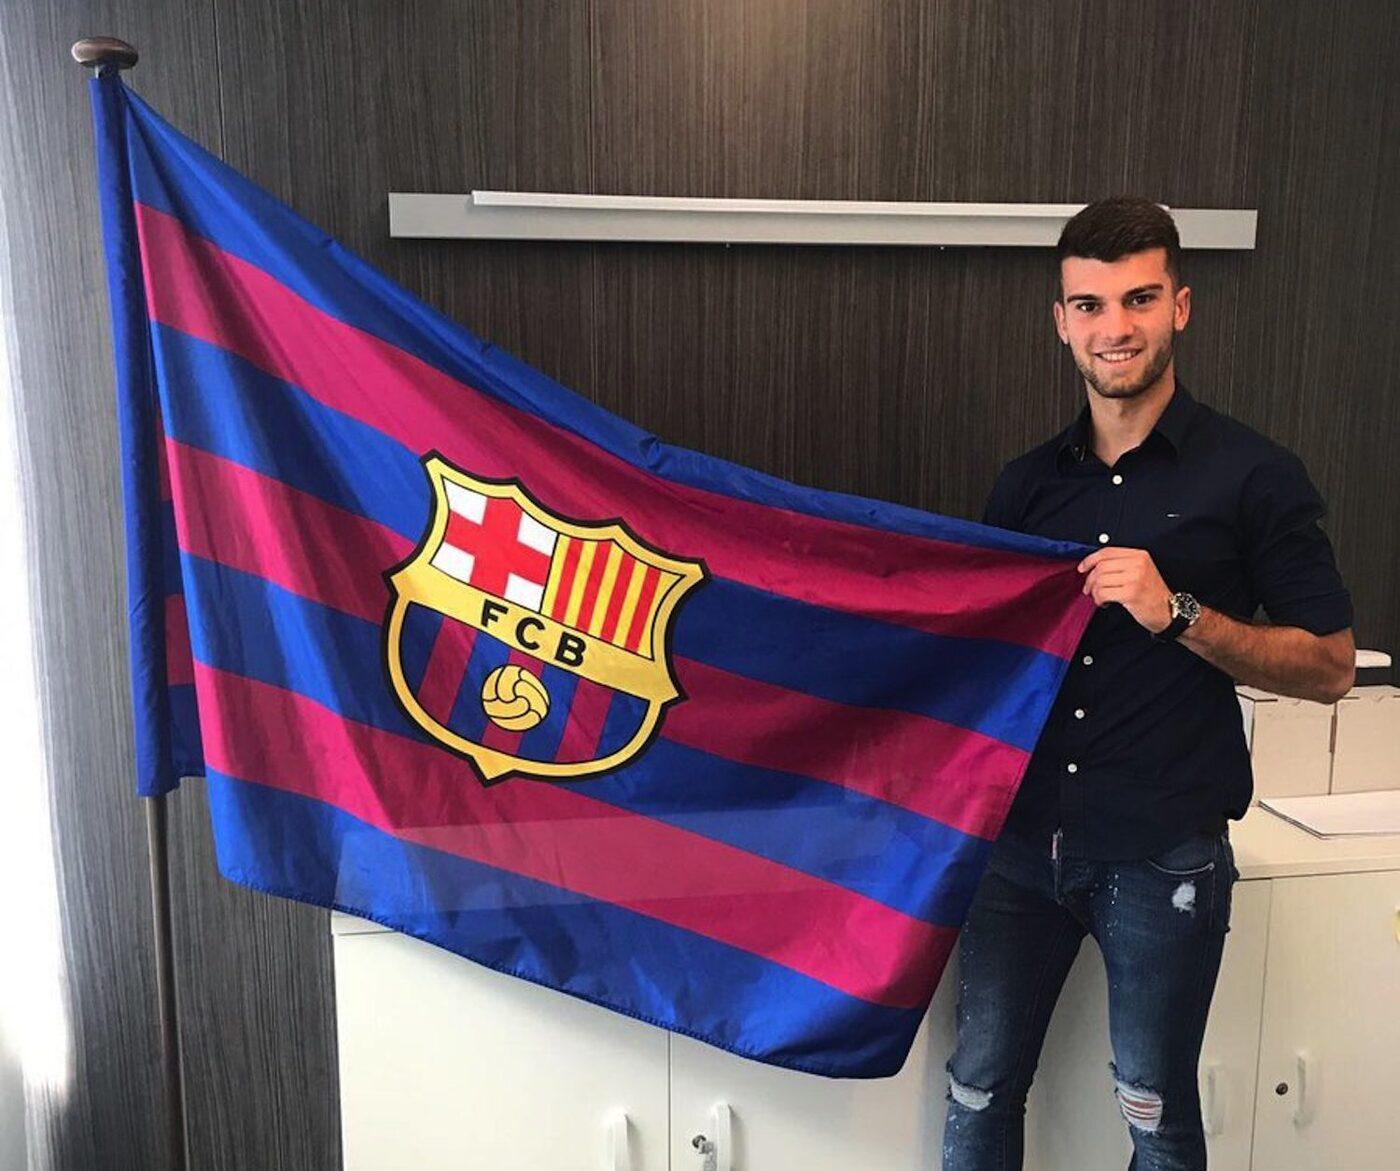 Calavera amb la bandera del Barça.